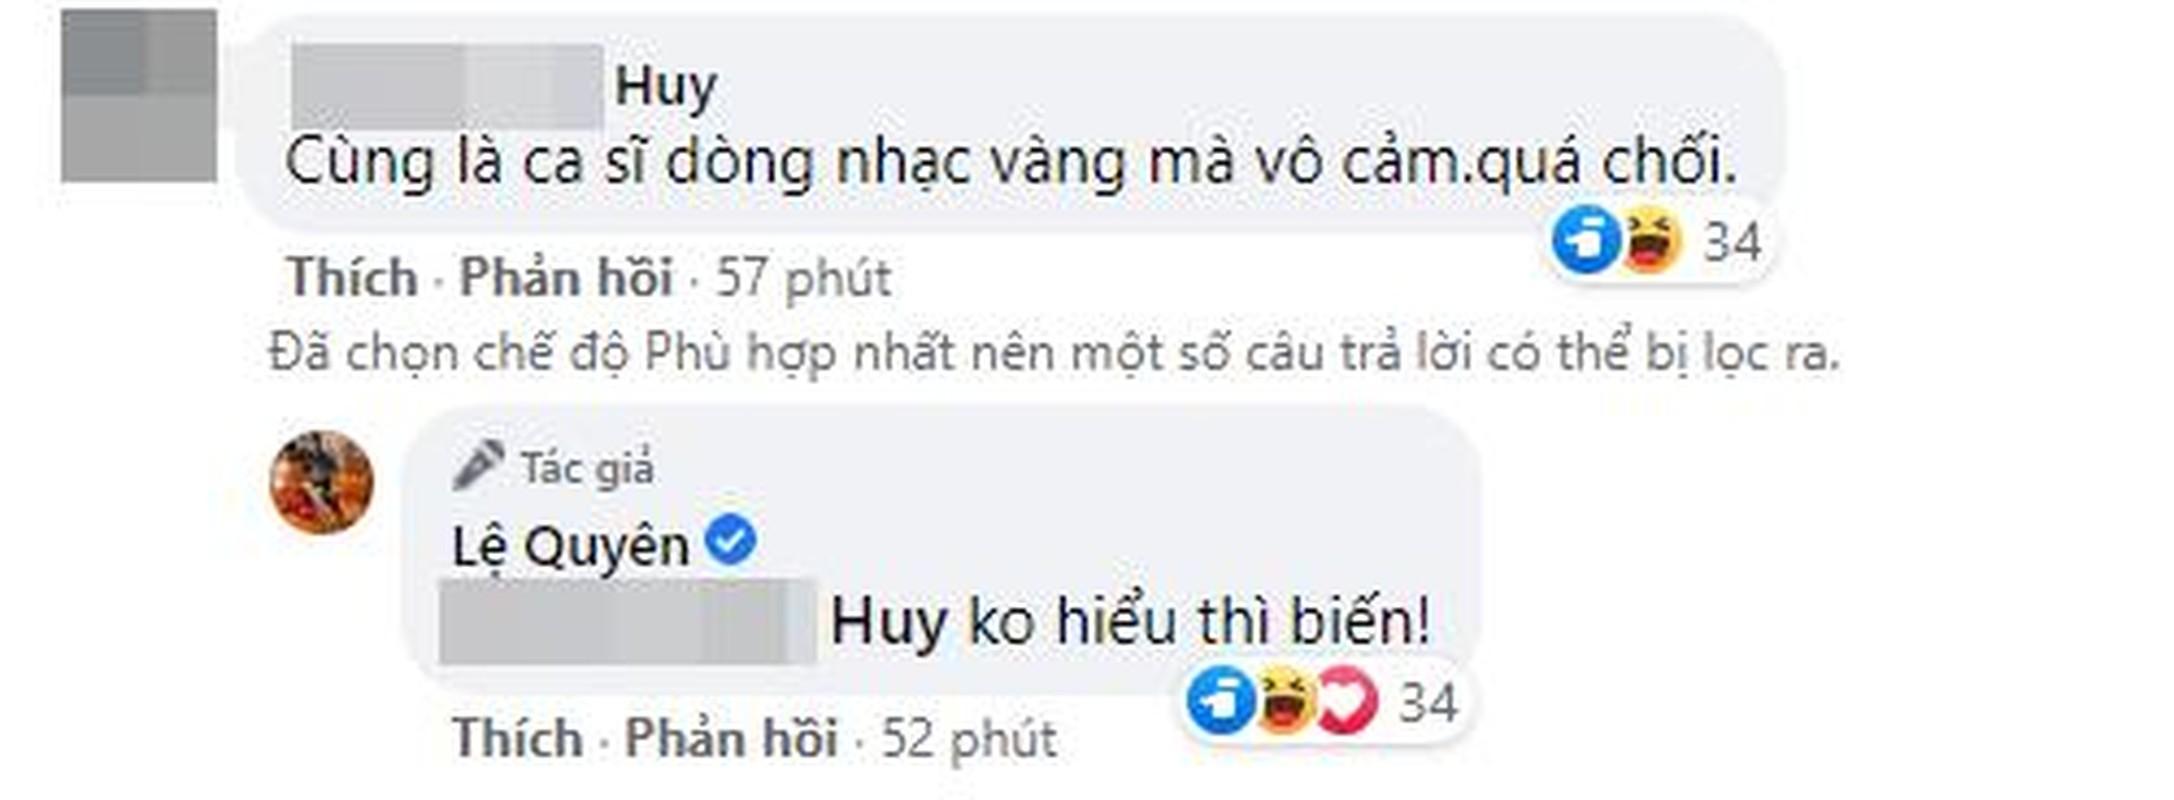 Tranh cai hanh dong cua Le Quyen ngay Phi Nhung qua doi-Hinh-5